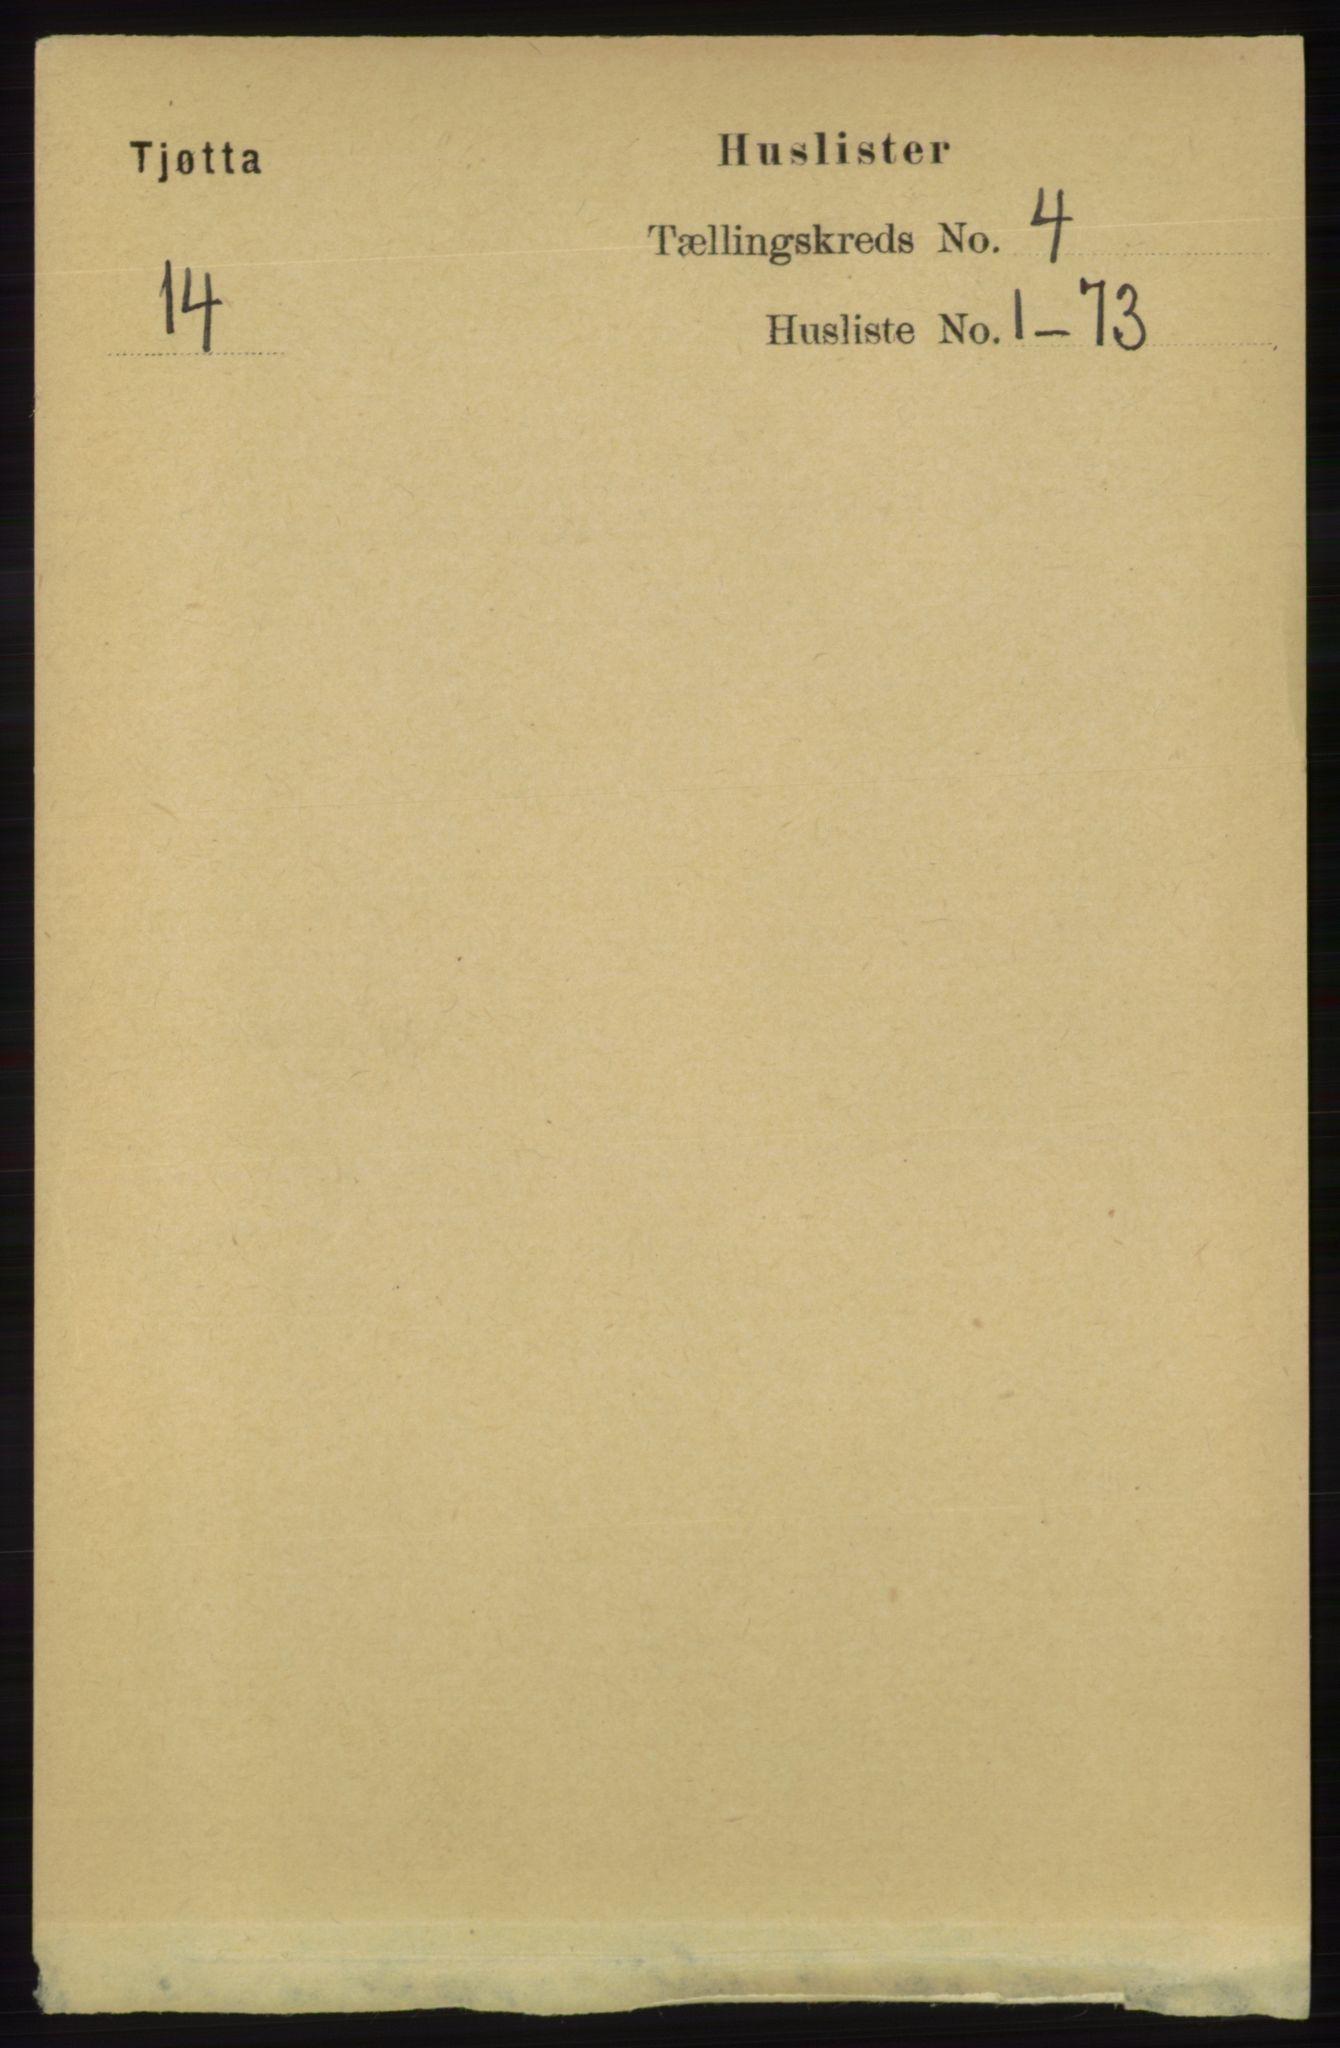 RA, Folketelling 1891 for 1817 Tjøtta herred, 1891, s. 1700